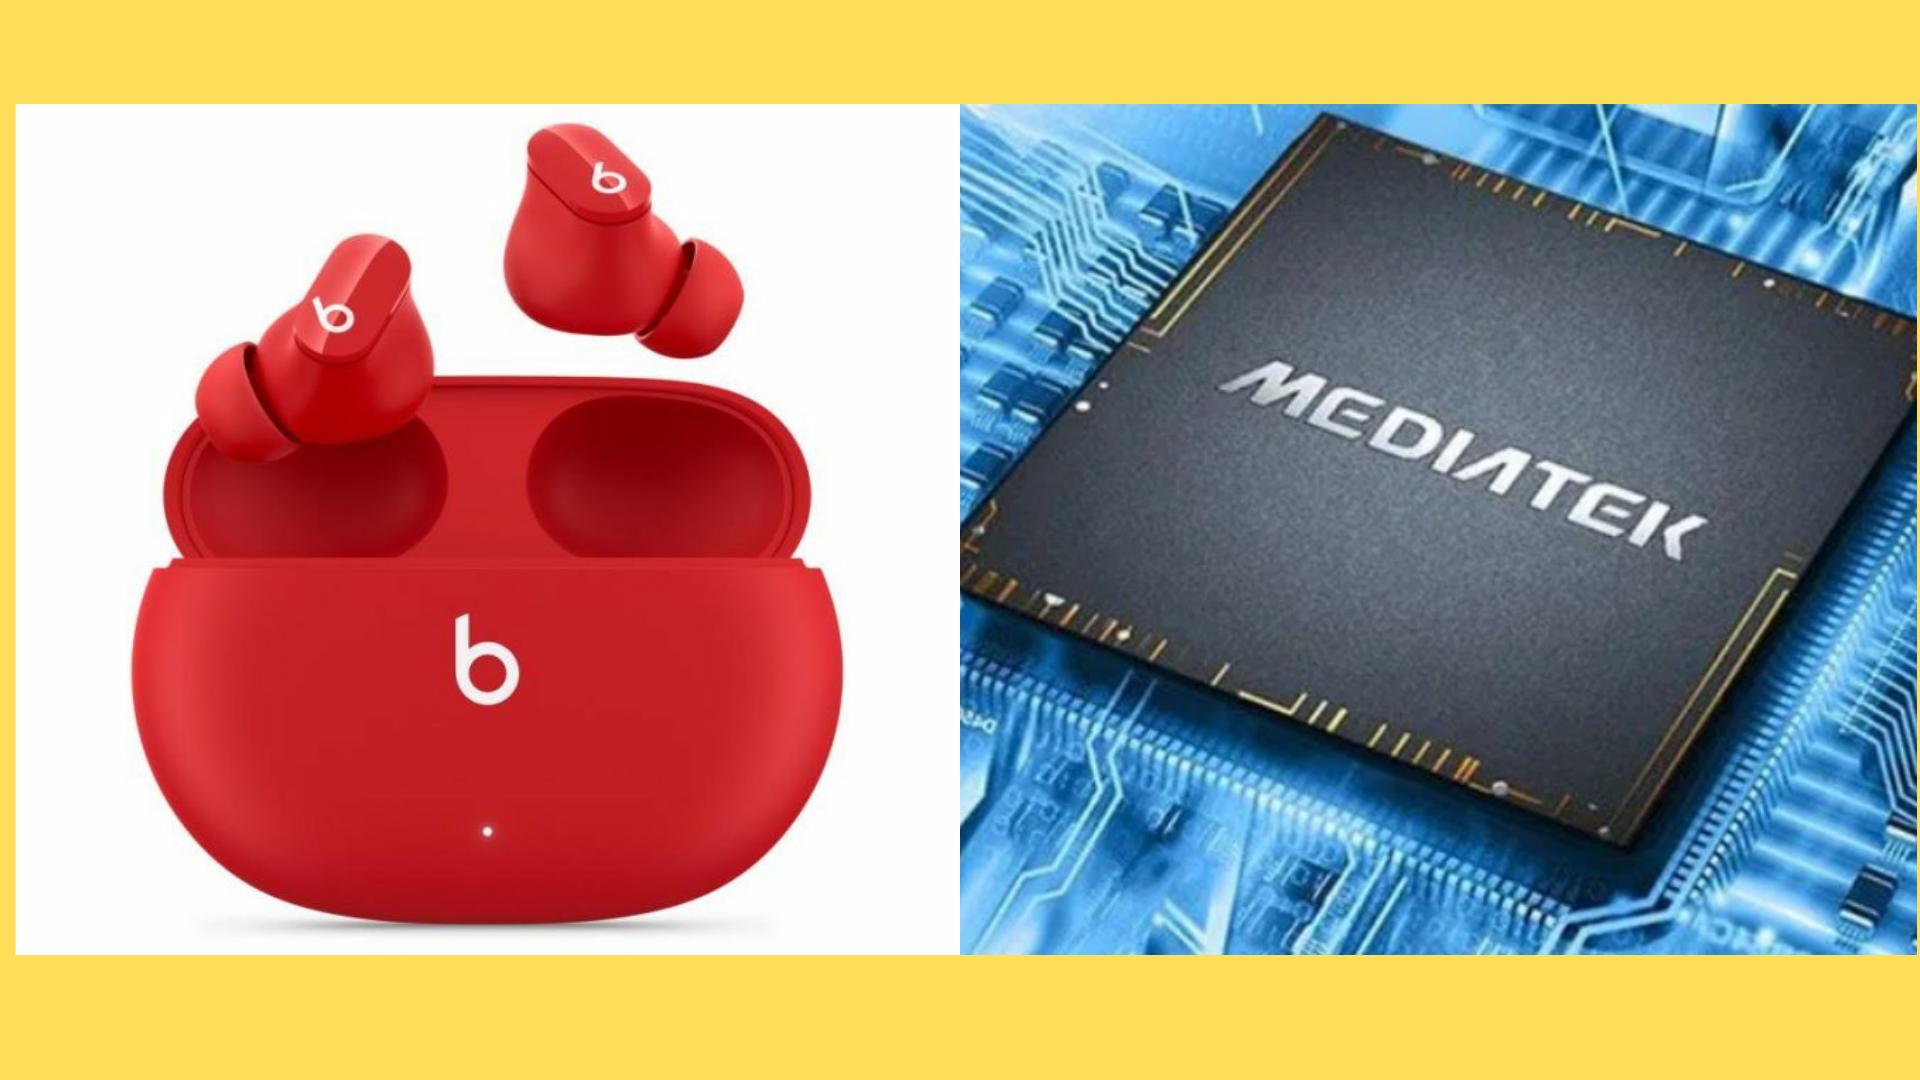 Apple Beats studio buds to feature MediaTek chipset instead Apple H1